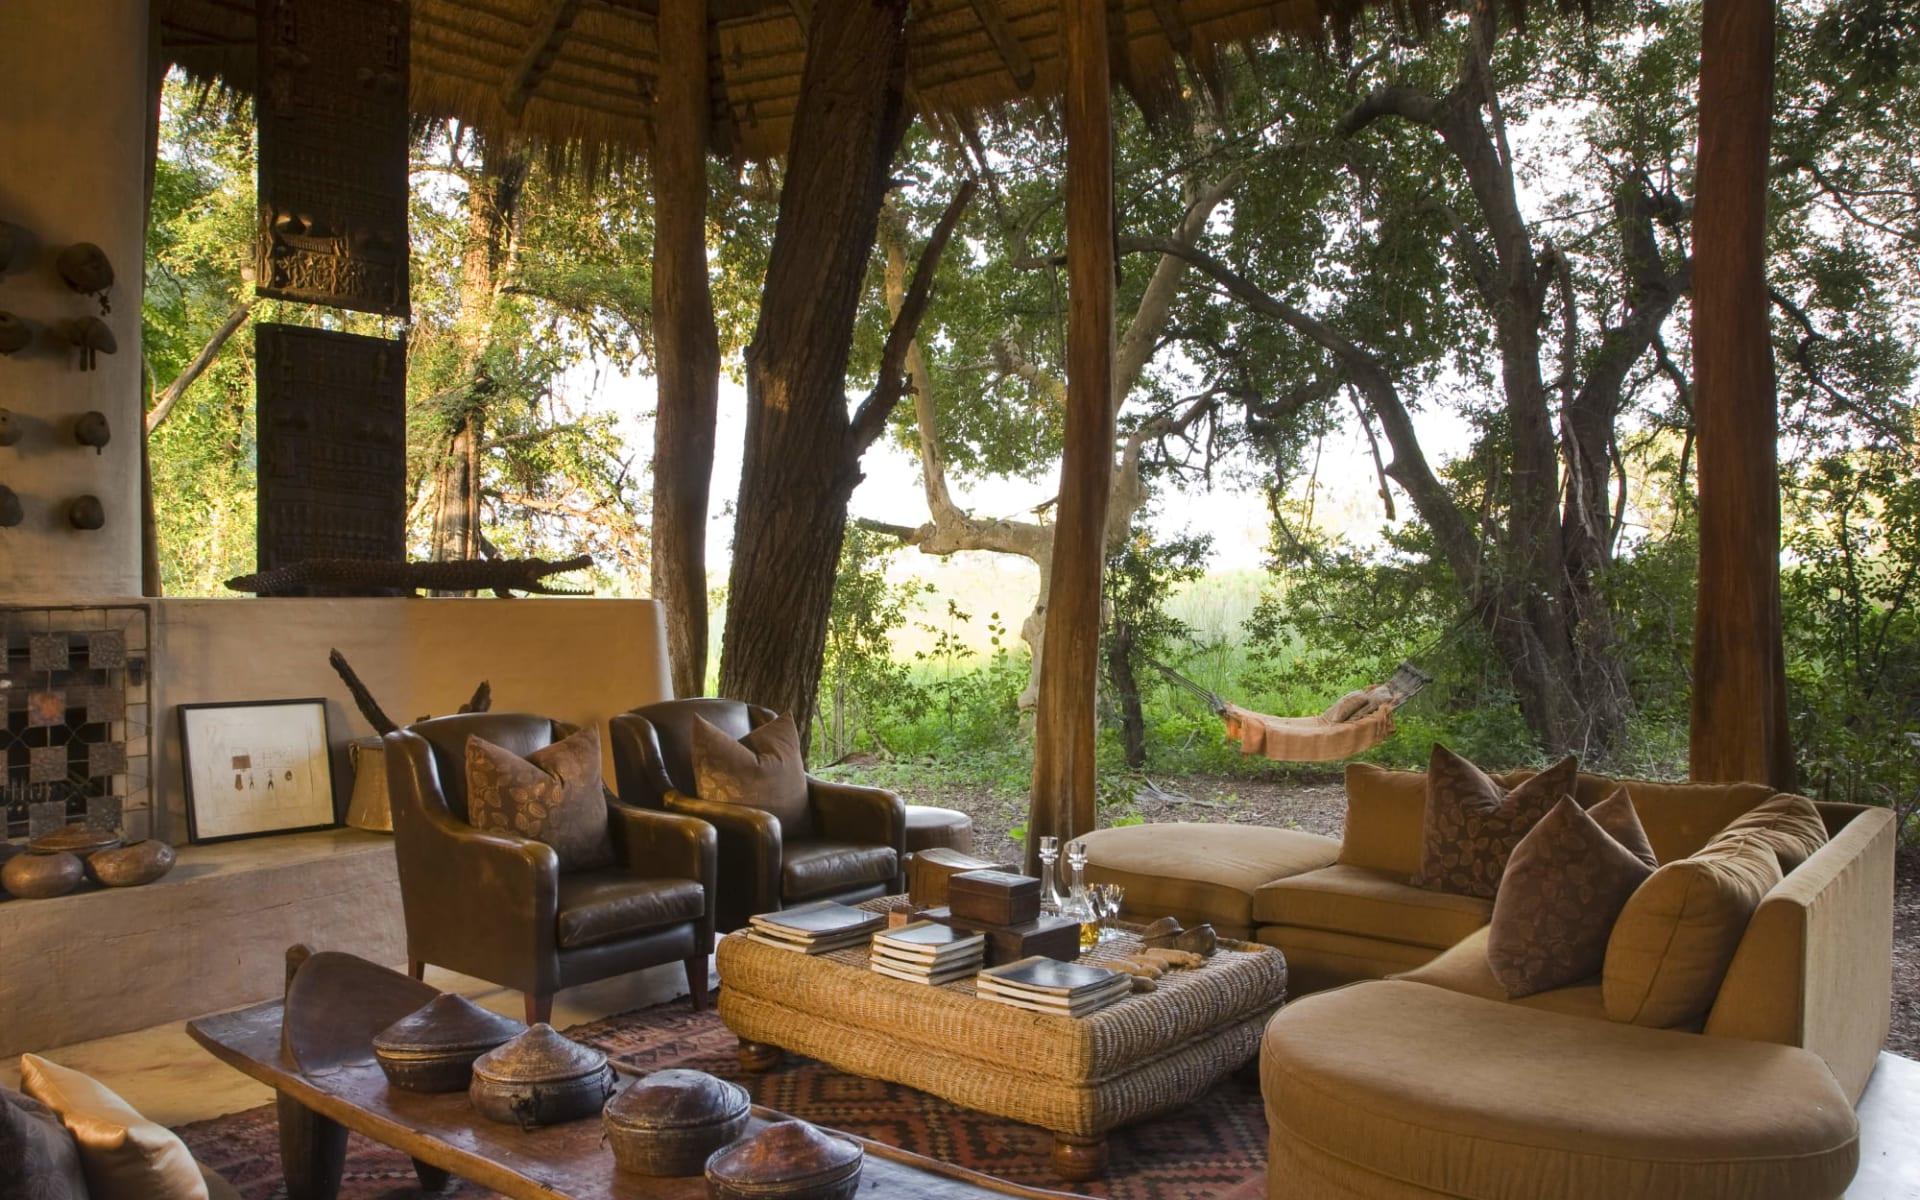 Sandibe Okavango Safari Lodge in Okavango Delta: 09_181_2_Sandibe Okavango Safari Lodge